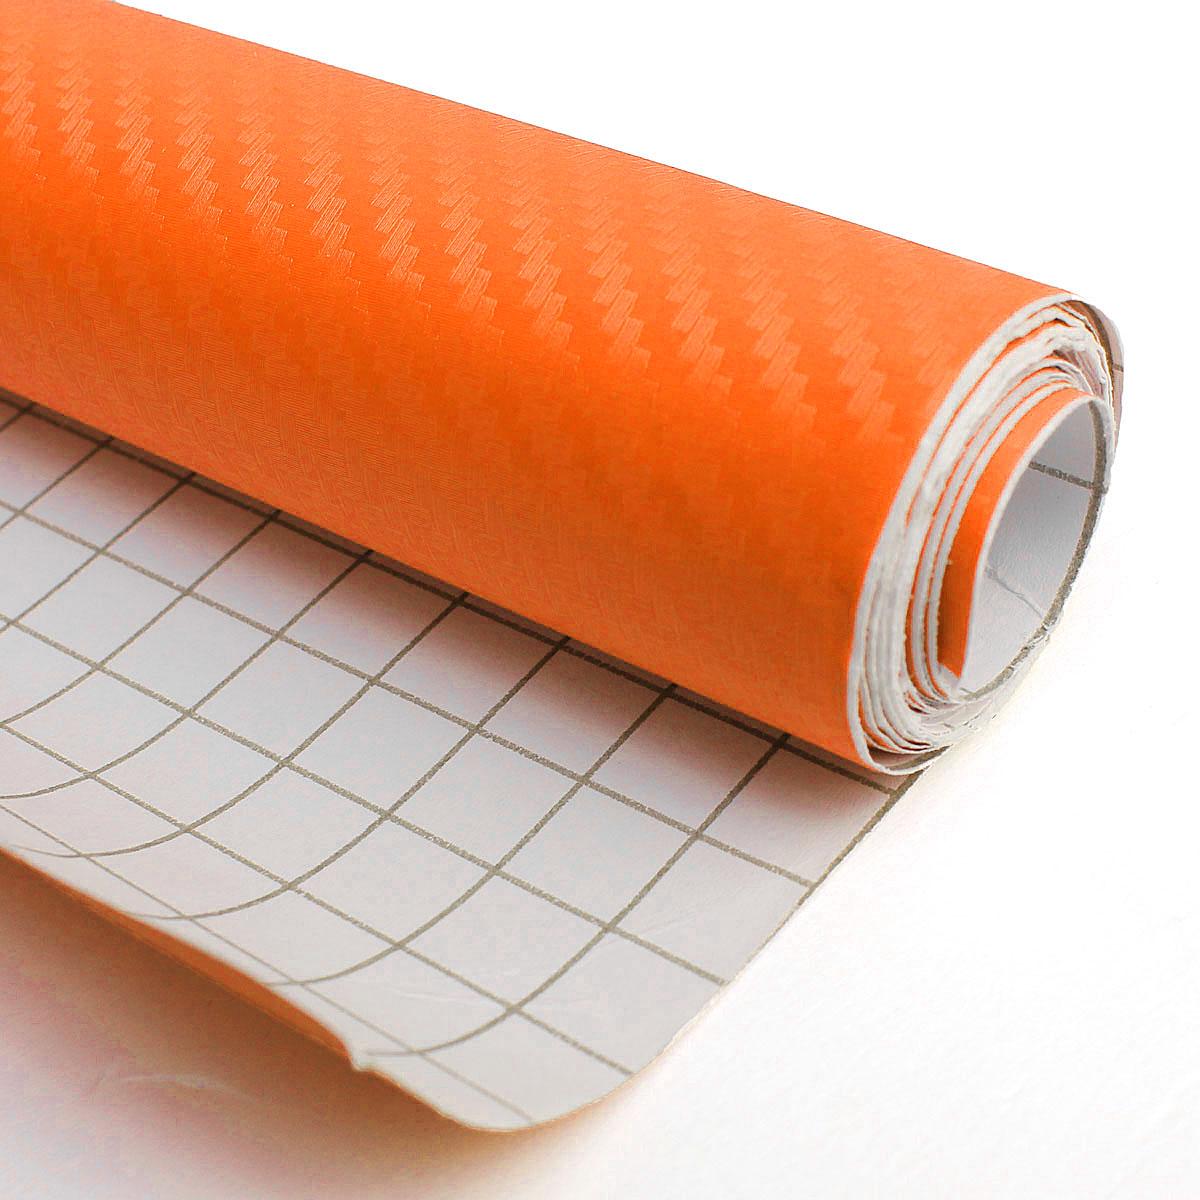 30 200cm diy 3d carbon fiber vinyl car truck wrap sheet film sticker decal roll orange lazada. Black Bedroom Furniture Sets. Home Design Ideas